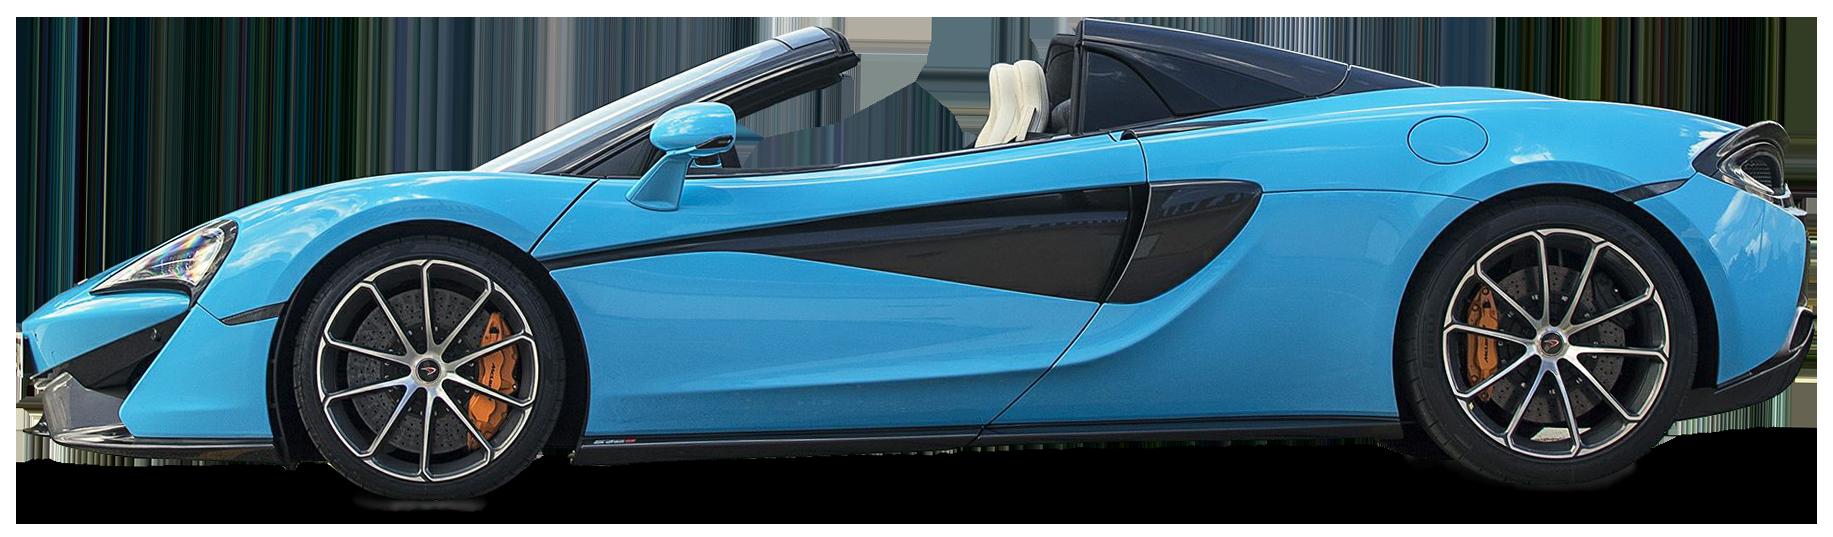 2018 McLaren 570S Convertible